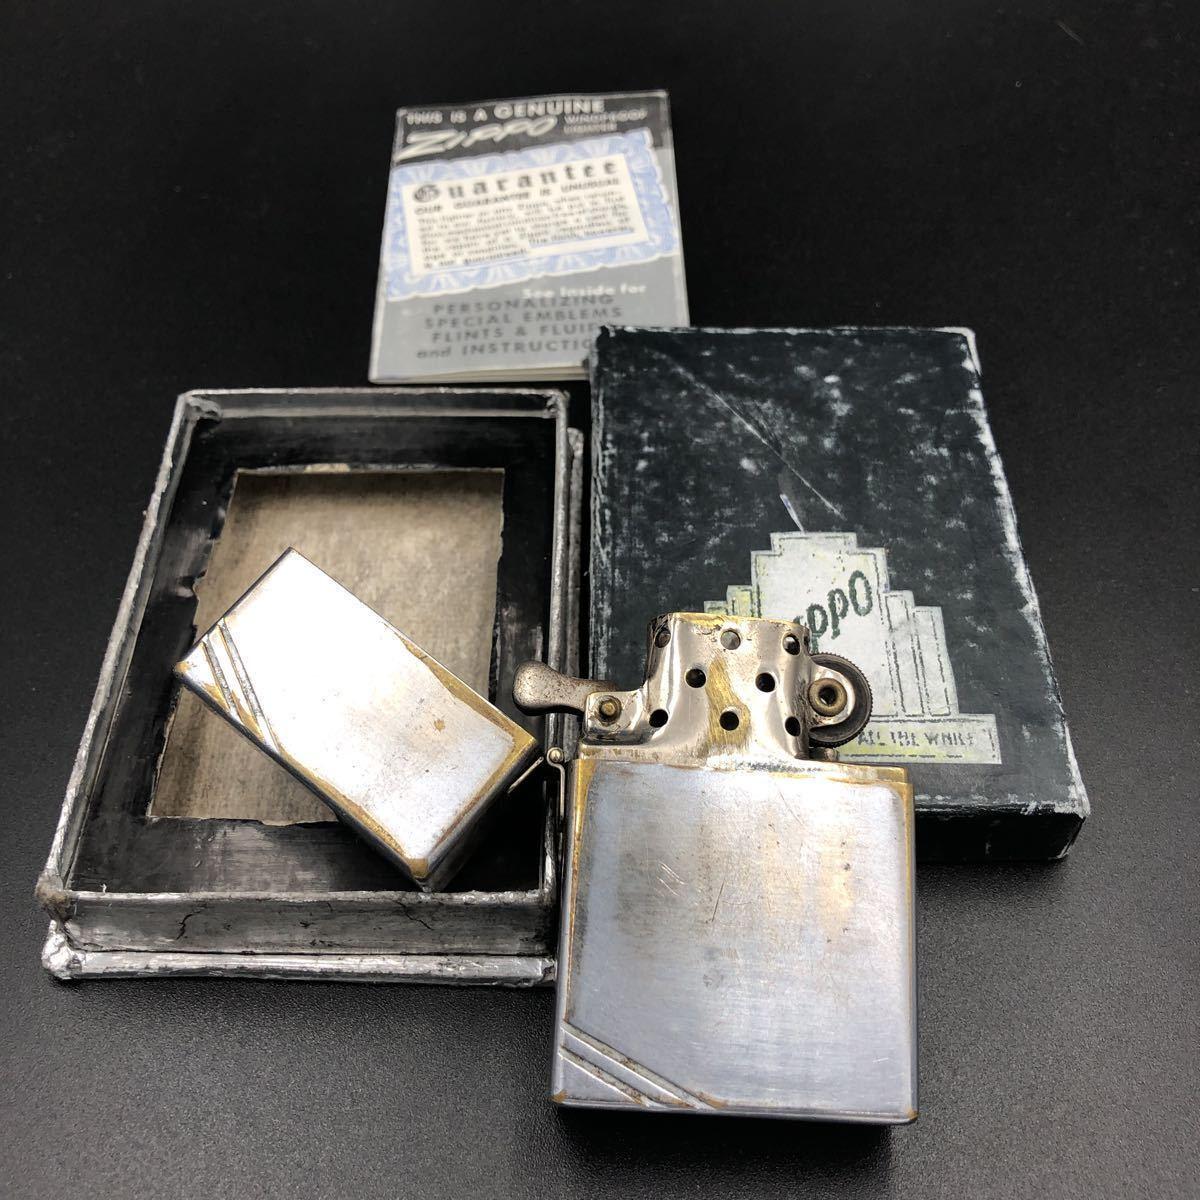 外ヒンジ 1935年 当時物 PAT.PENDING ボックス 取扱い説明書 ZIPPO ジッポー ジッポ_画像1